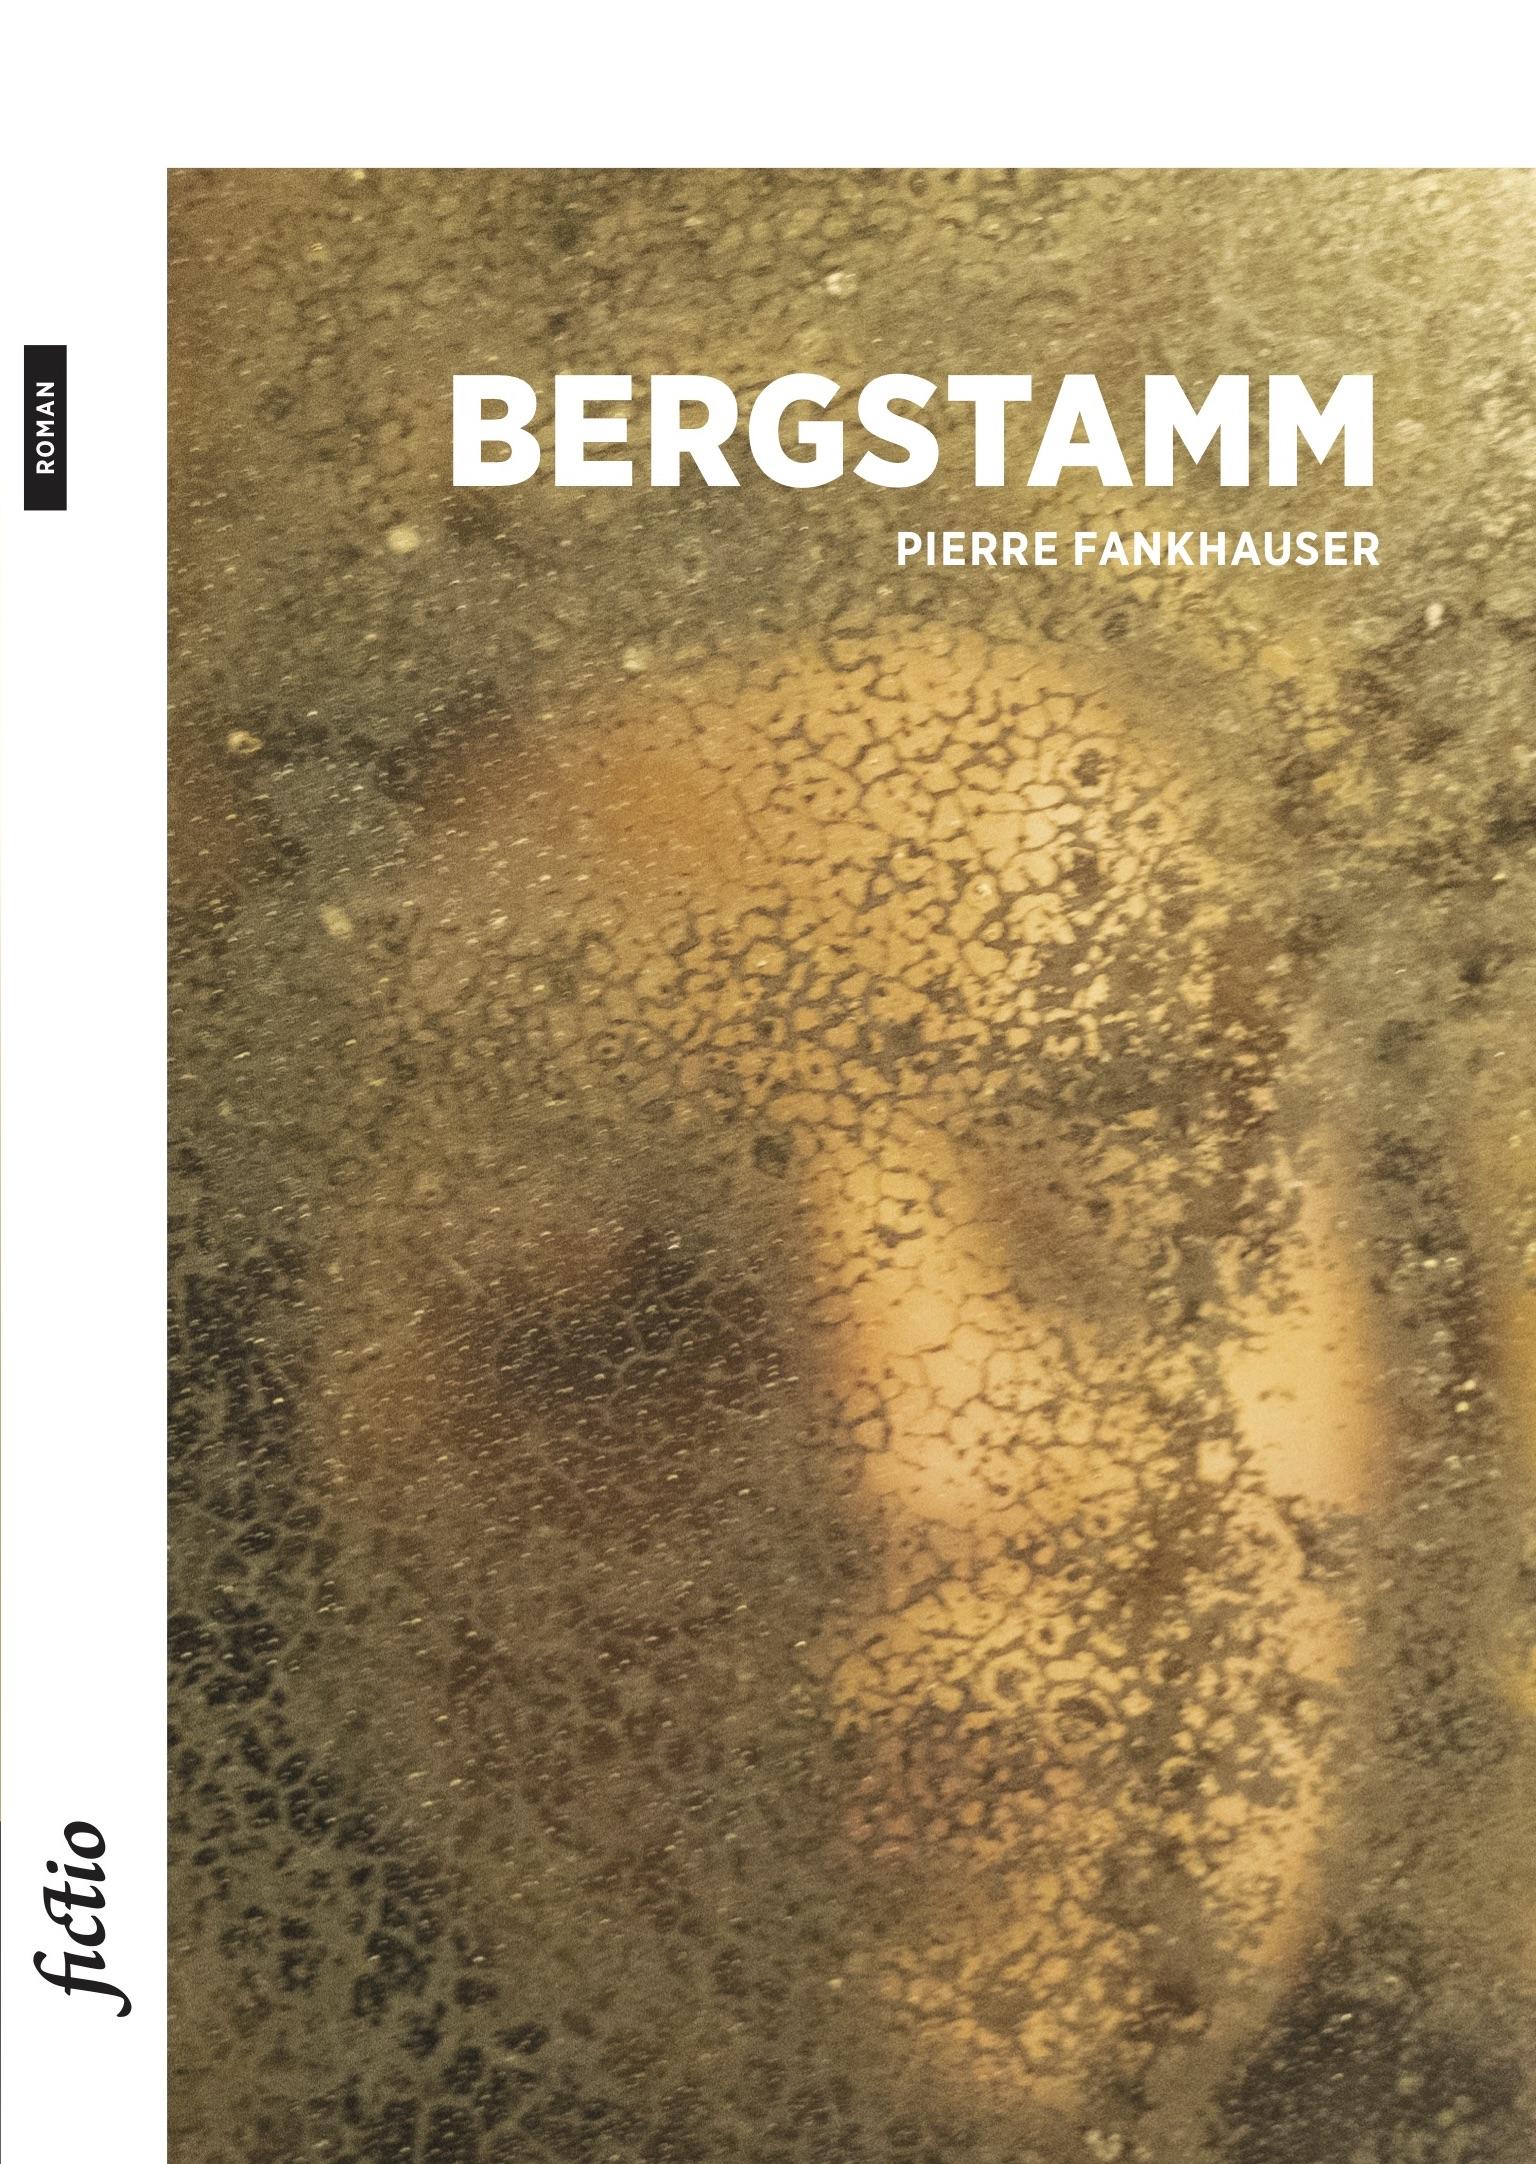 Bergstamm sur le blog de Francis Richard